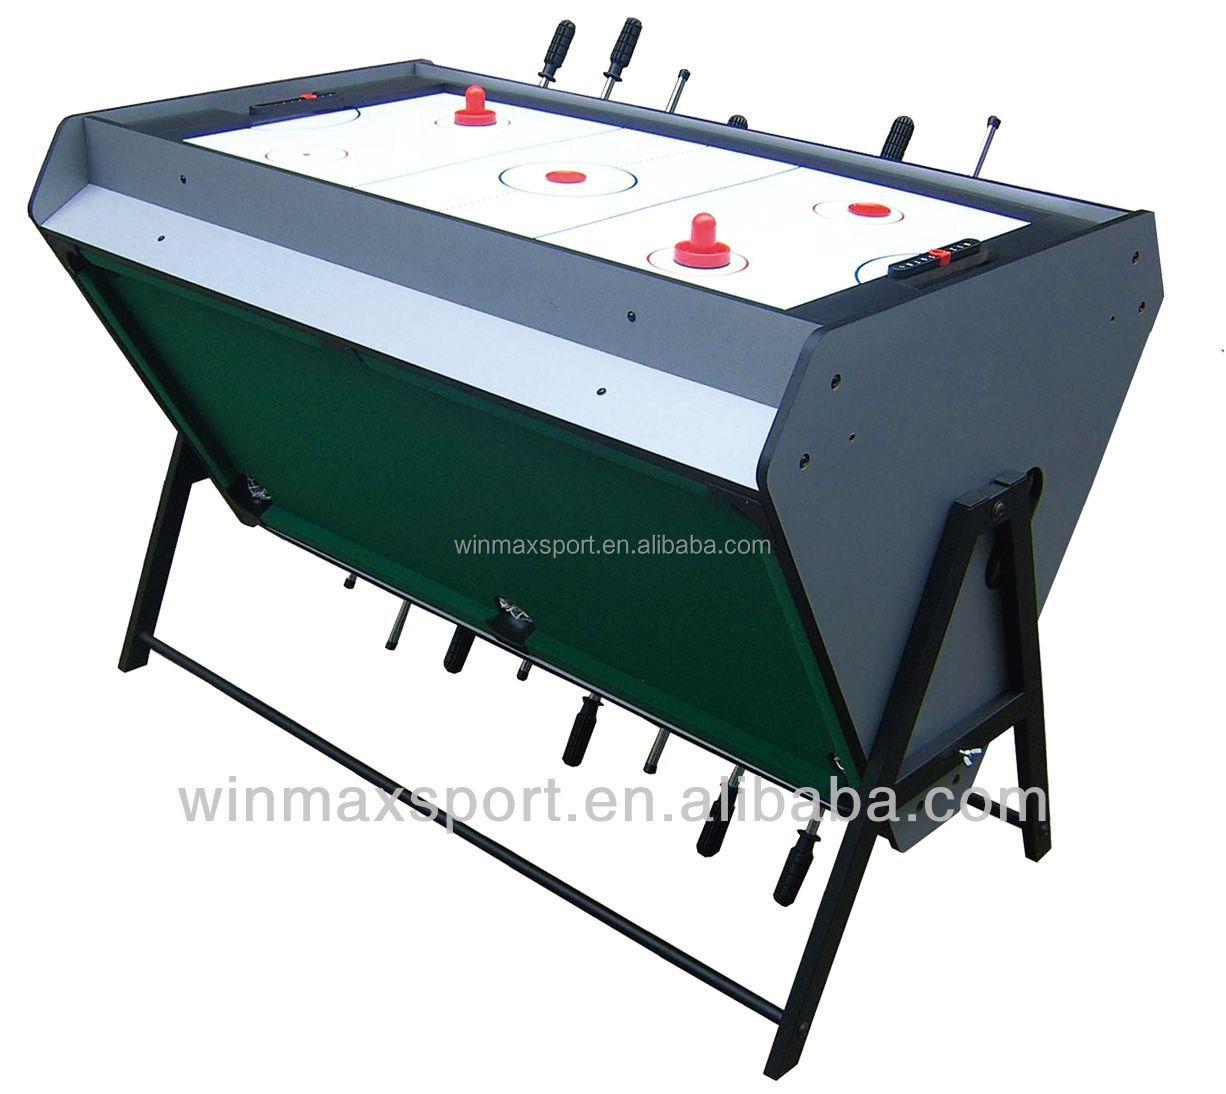 3 in 1 ping pong pool air hockey table - 3 In 1 Pool Table And Air Hockey Table 3 In 1 Pool Table And Air